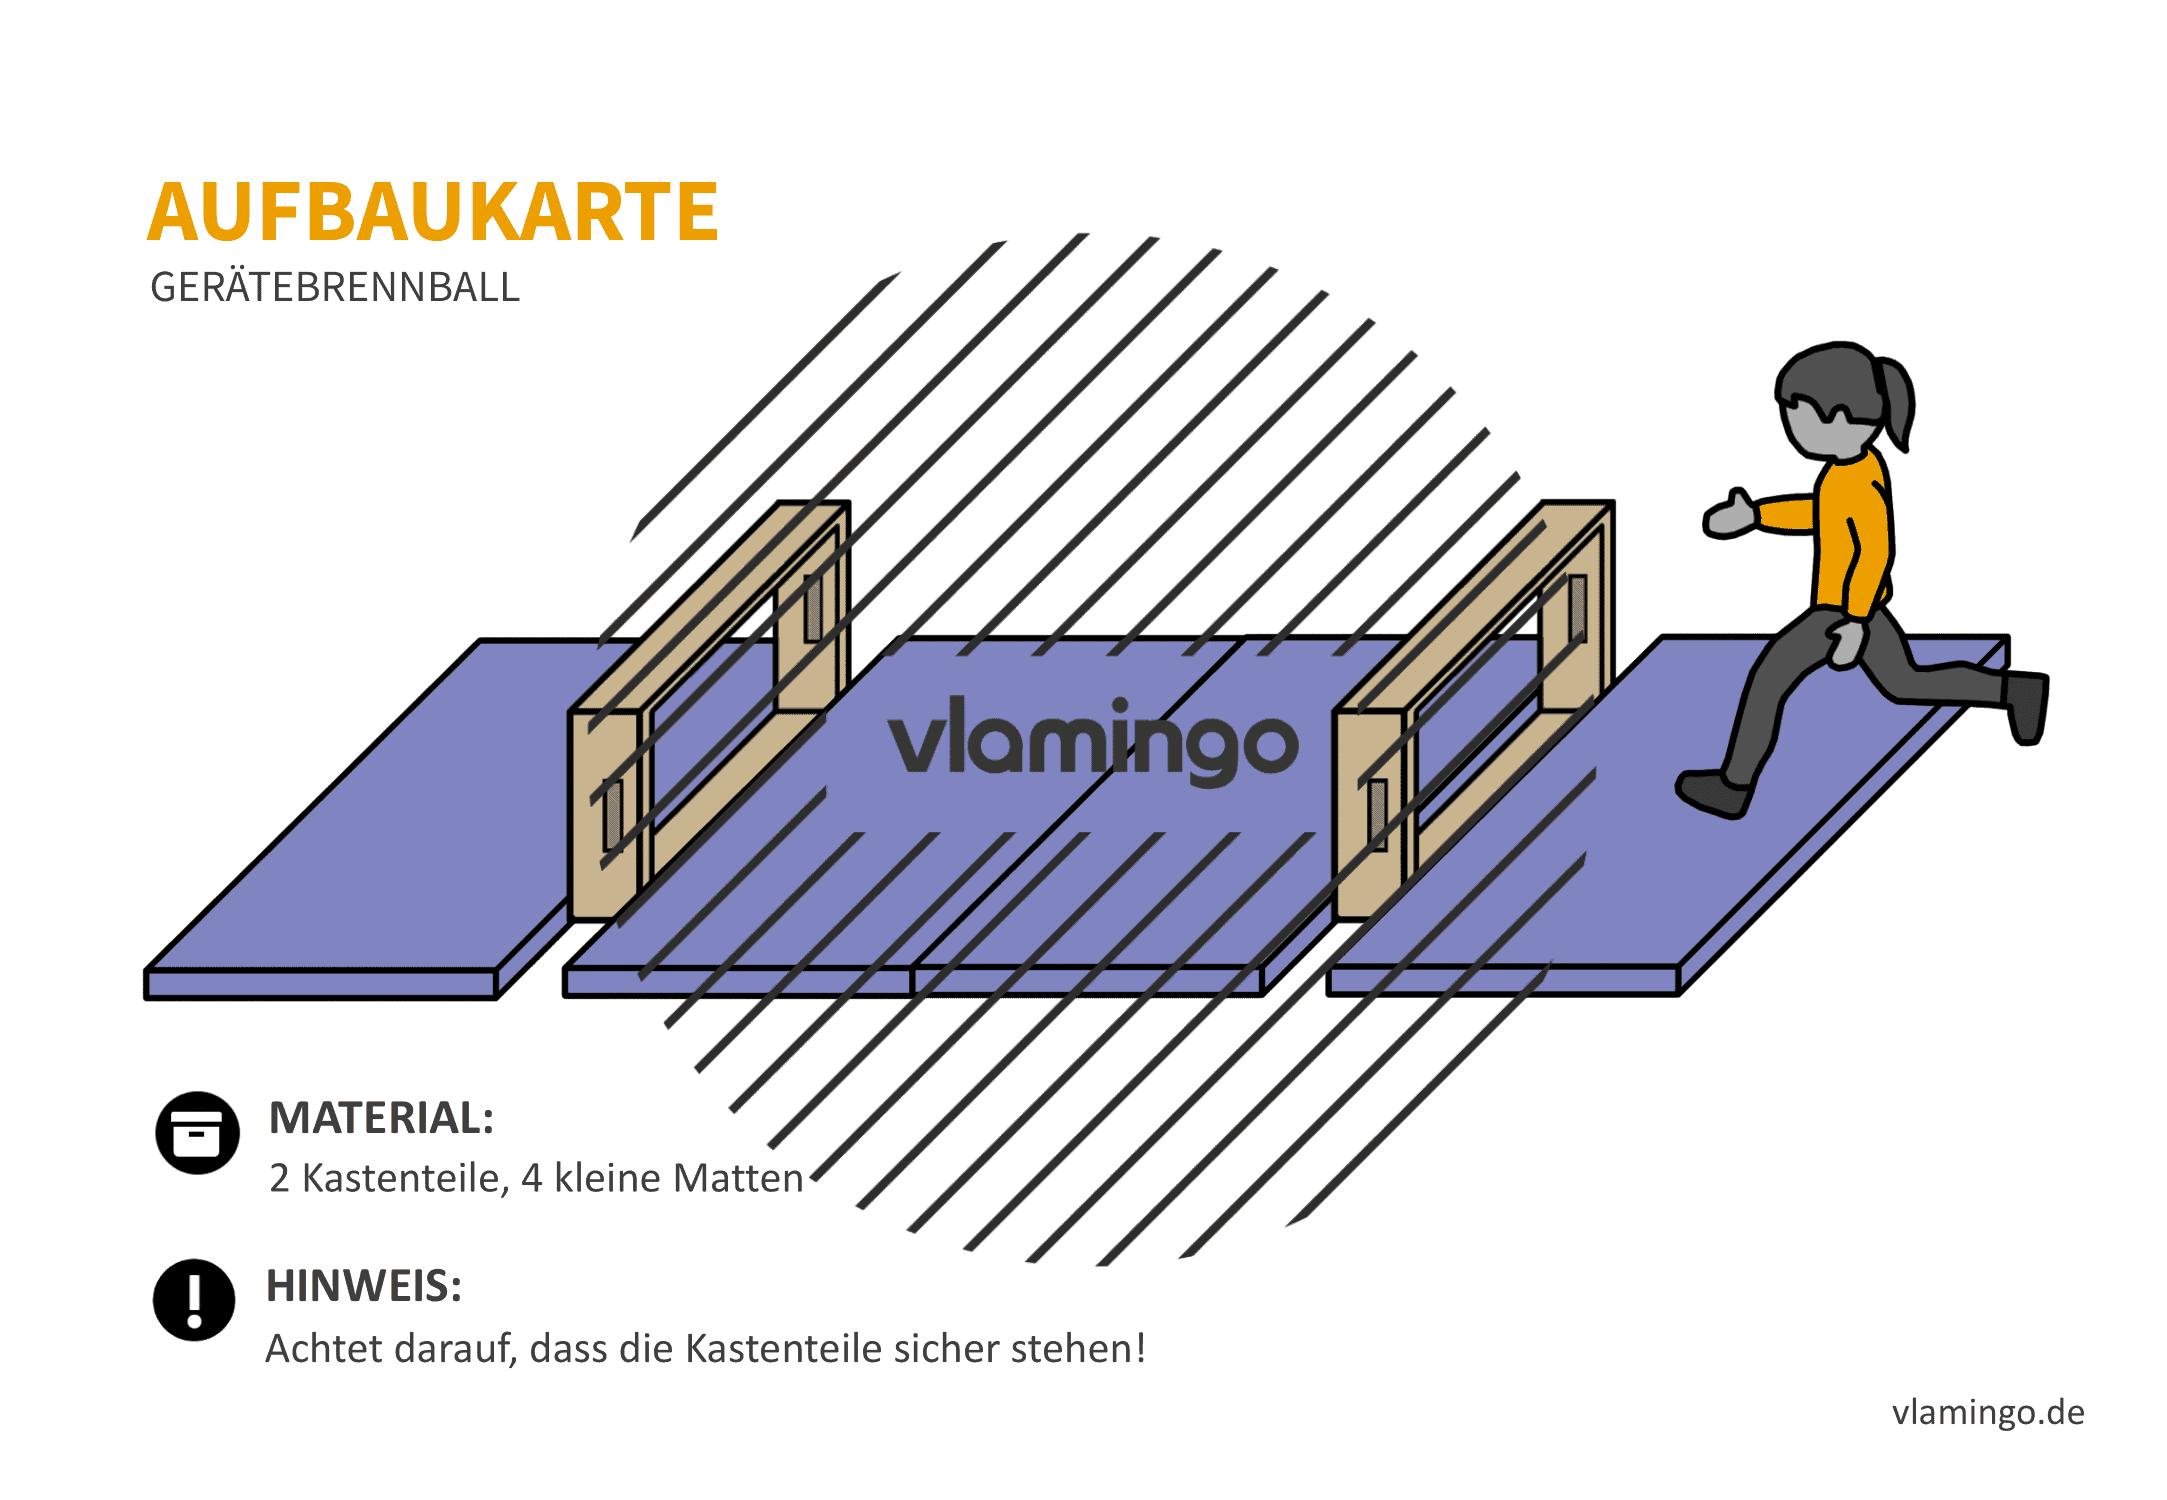 Gerätebrennball - Aufbaukarte 11